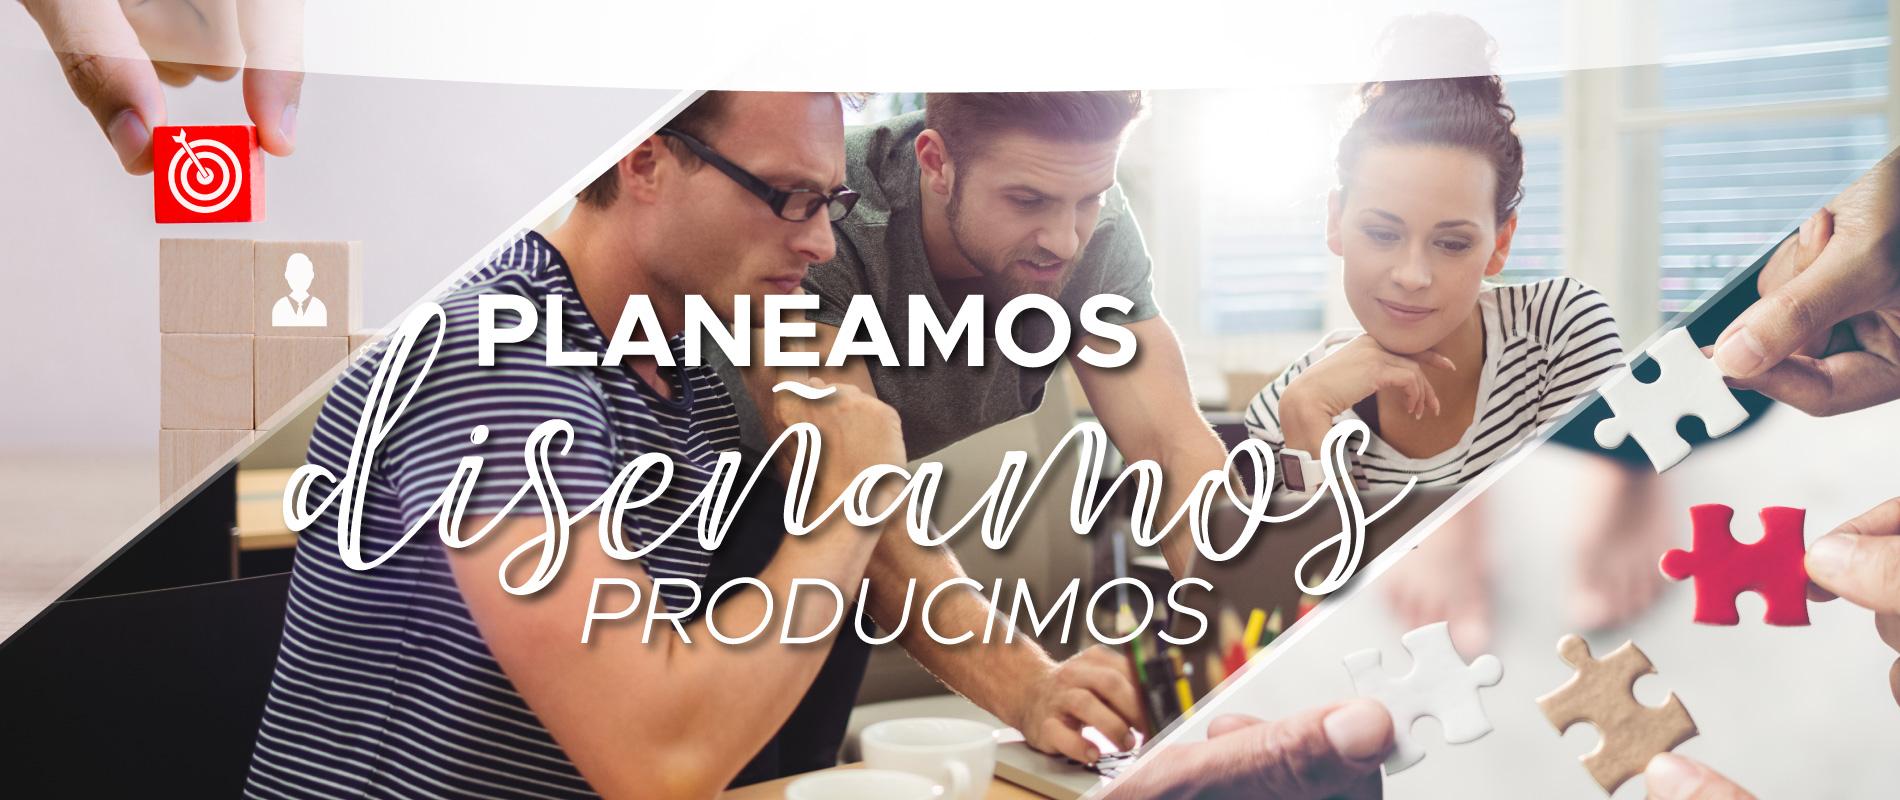 Planeamos, diseñamos y producimos.